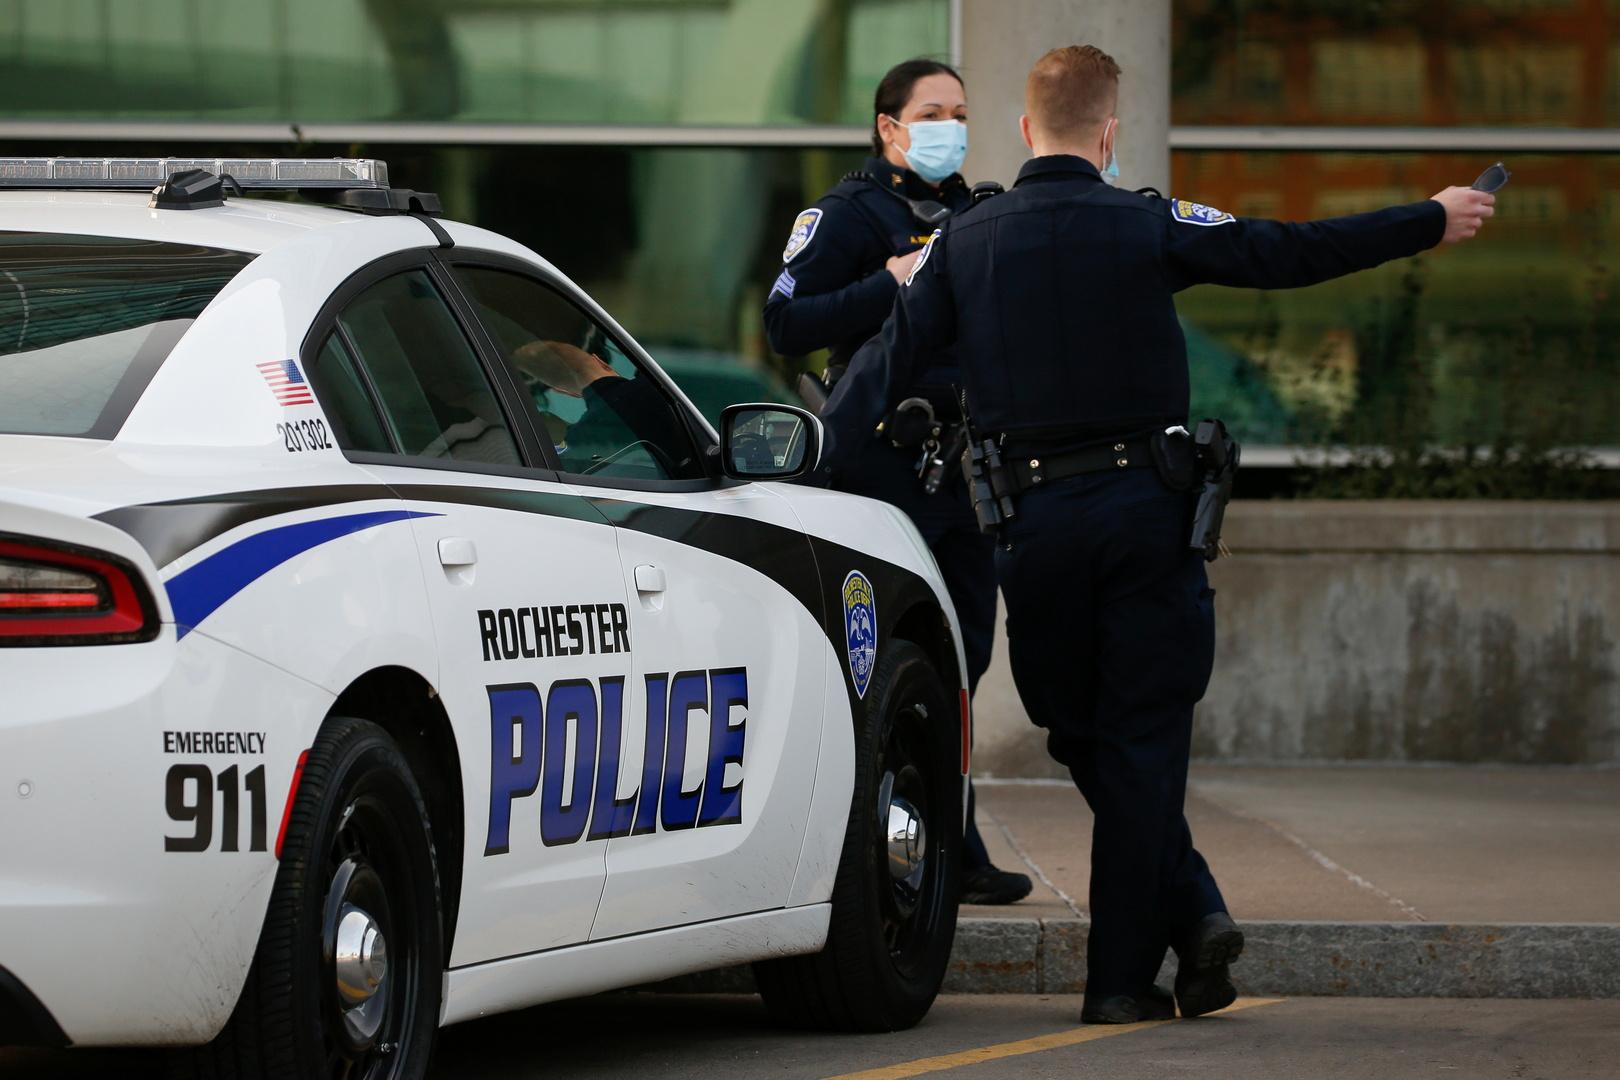 شرطة مينيابوليس الأمريكية.. قتل المواطن الأسمر لم يكن مقصودا